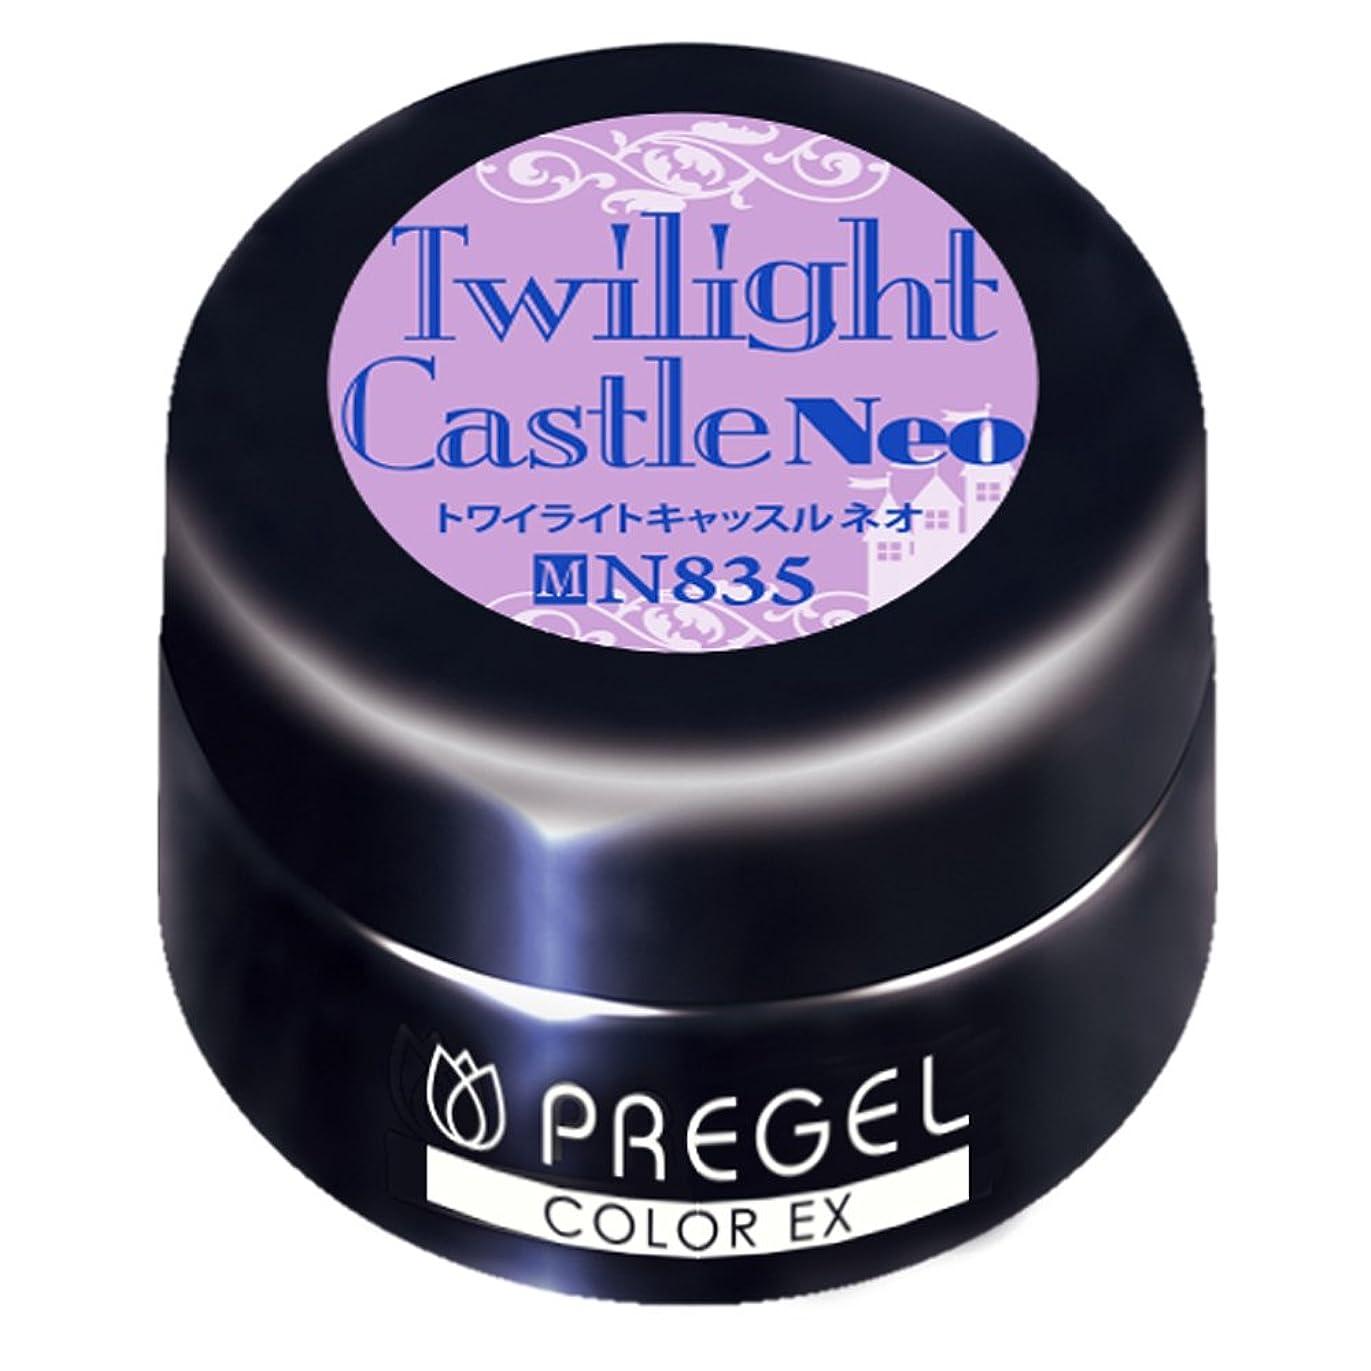 荒野先のことを考える印象派PRE GEL カラーEX トワイライトキャッスルneo835 3g UV/LED対応